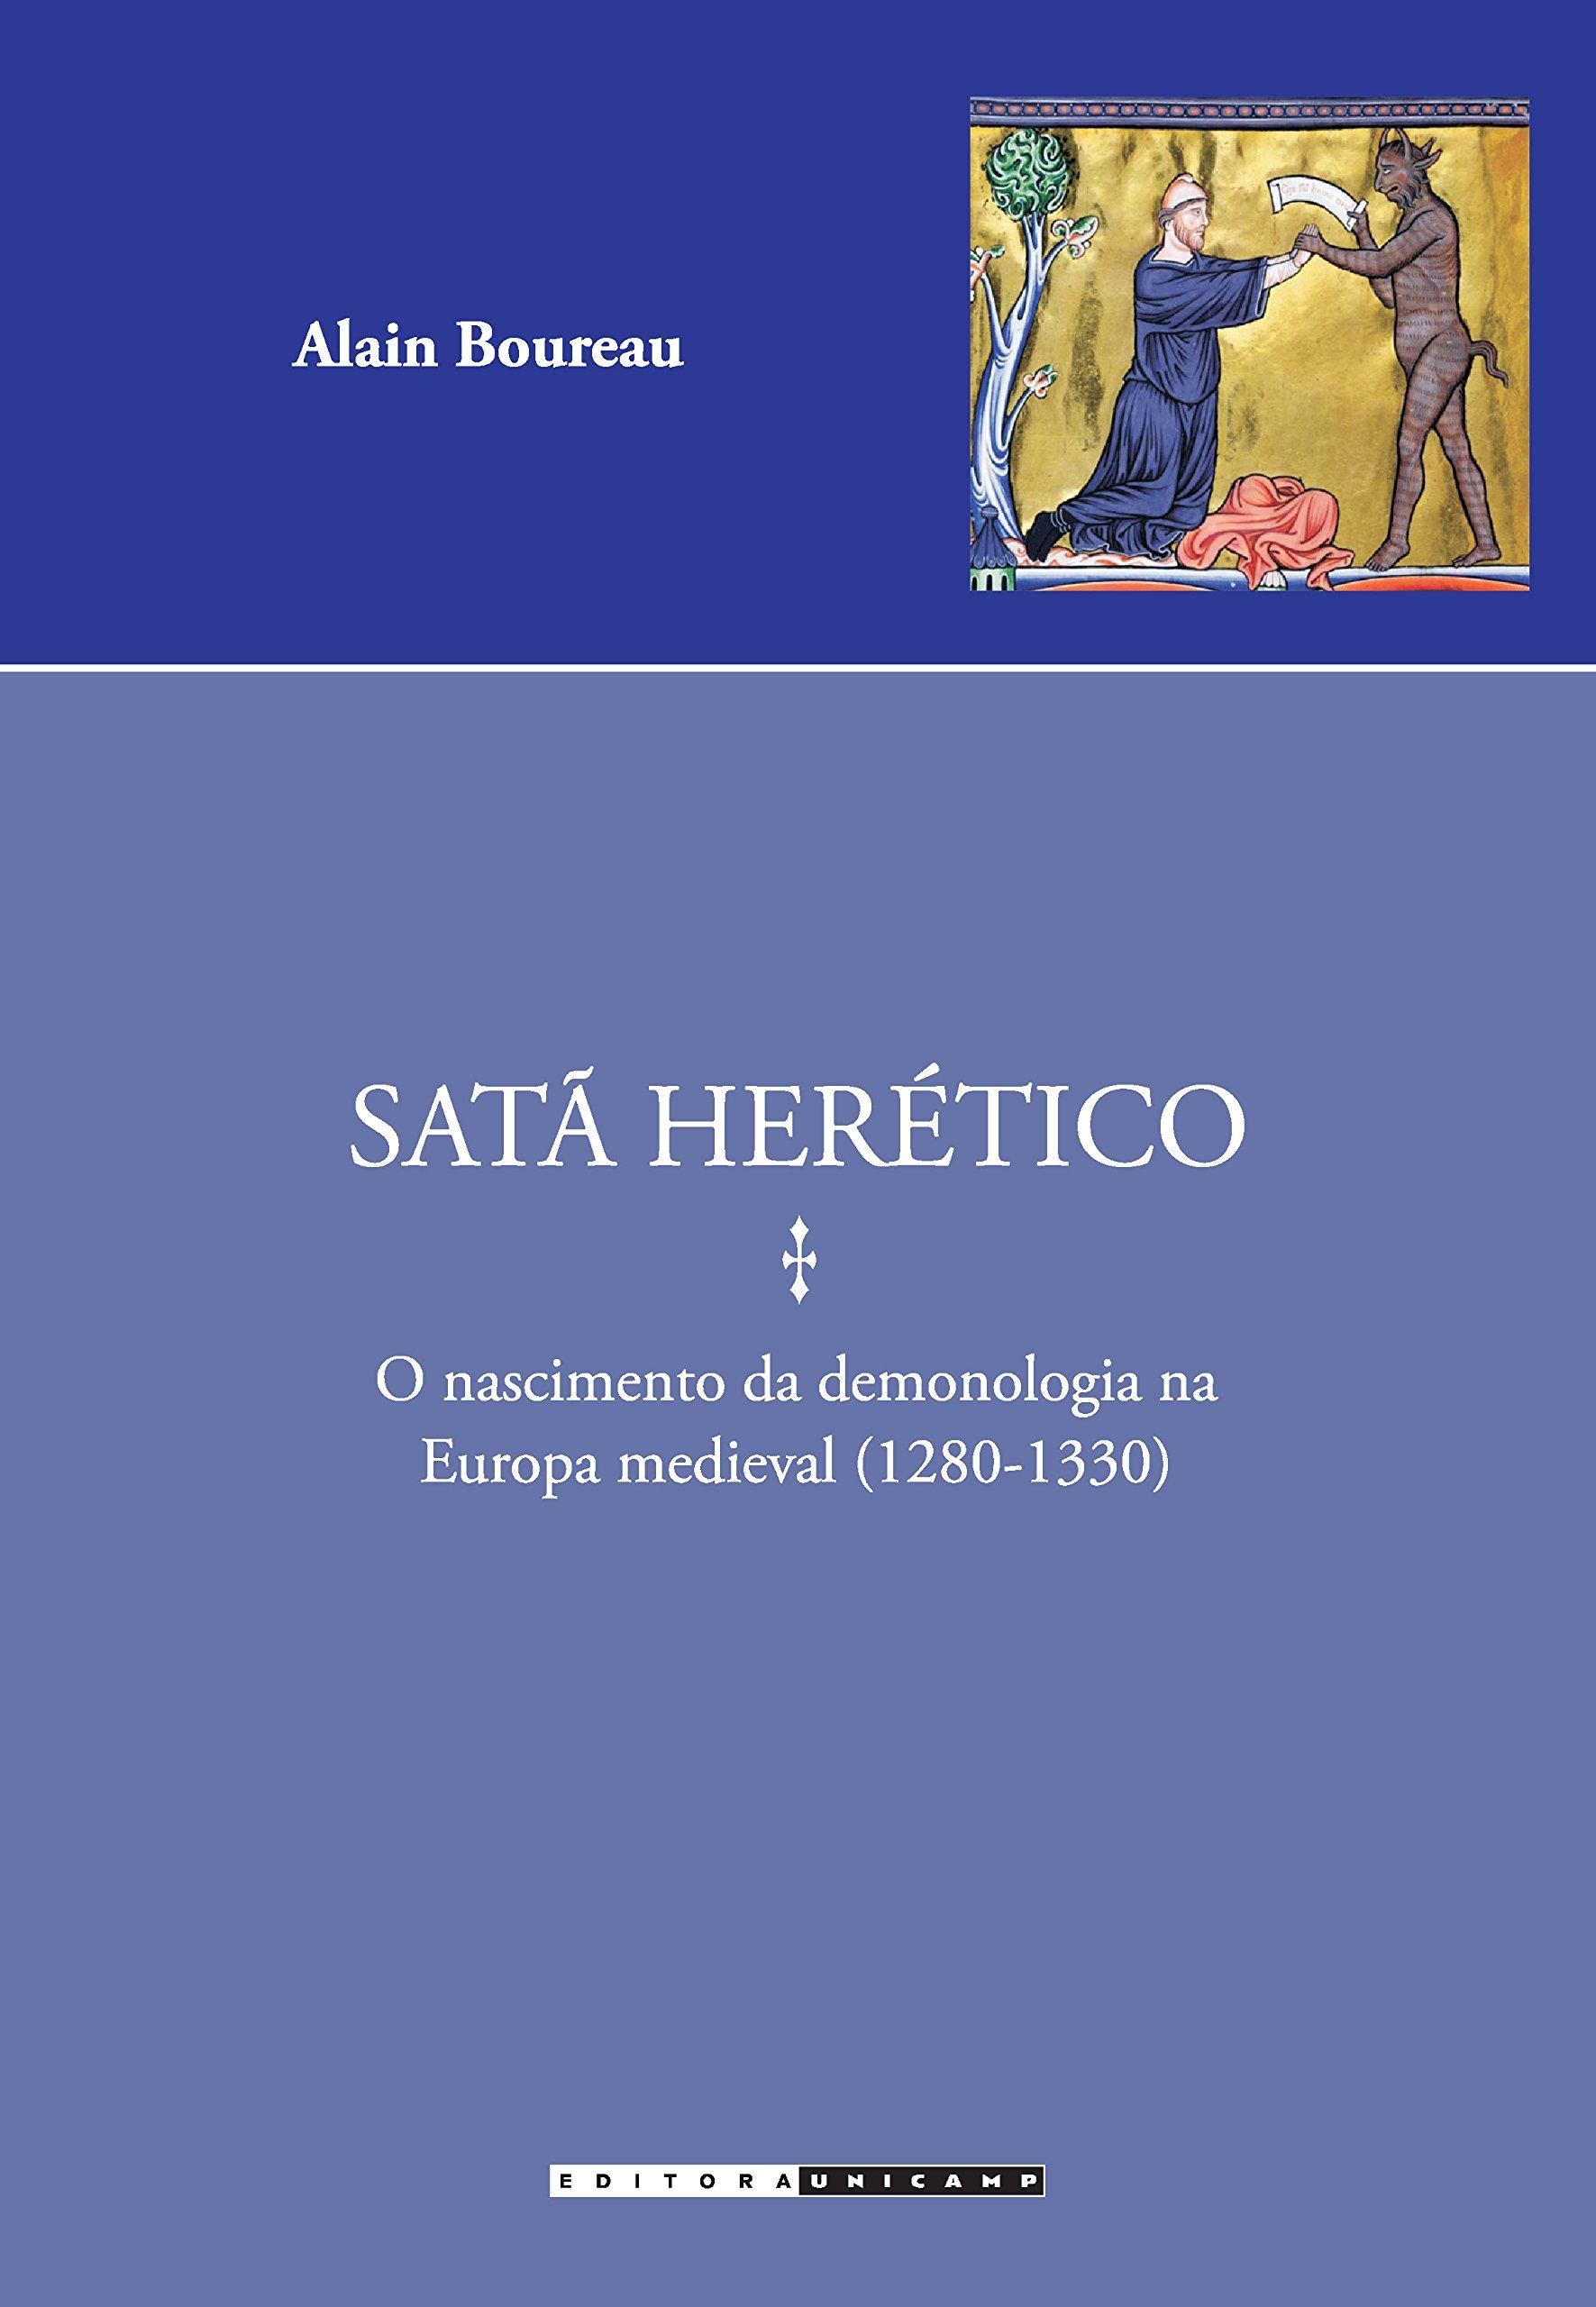 Satã Herético. O Nascimento da Demonologia na Europa Medieval. 1280-1330 - Coleção Estudos Medievais: Amazon.es: Alain Boureau: Libros